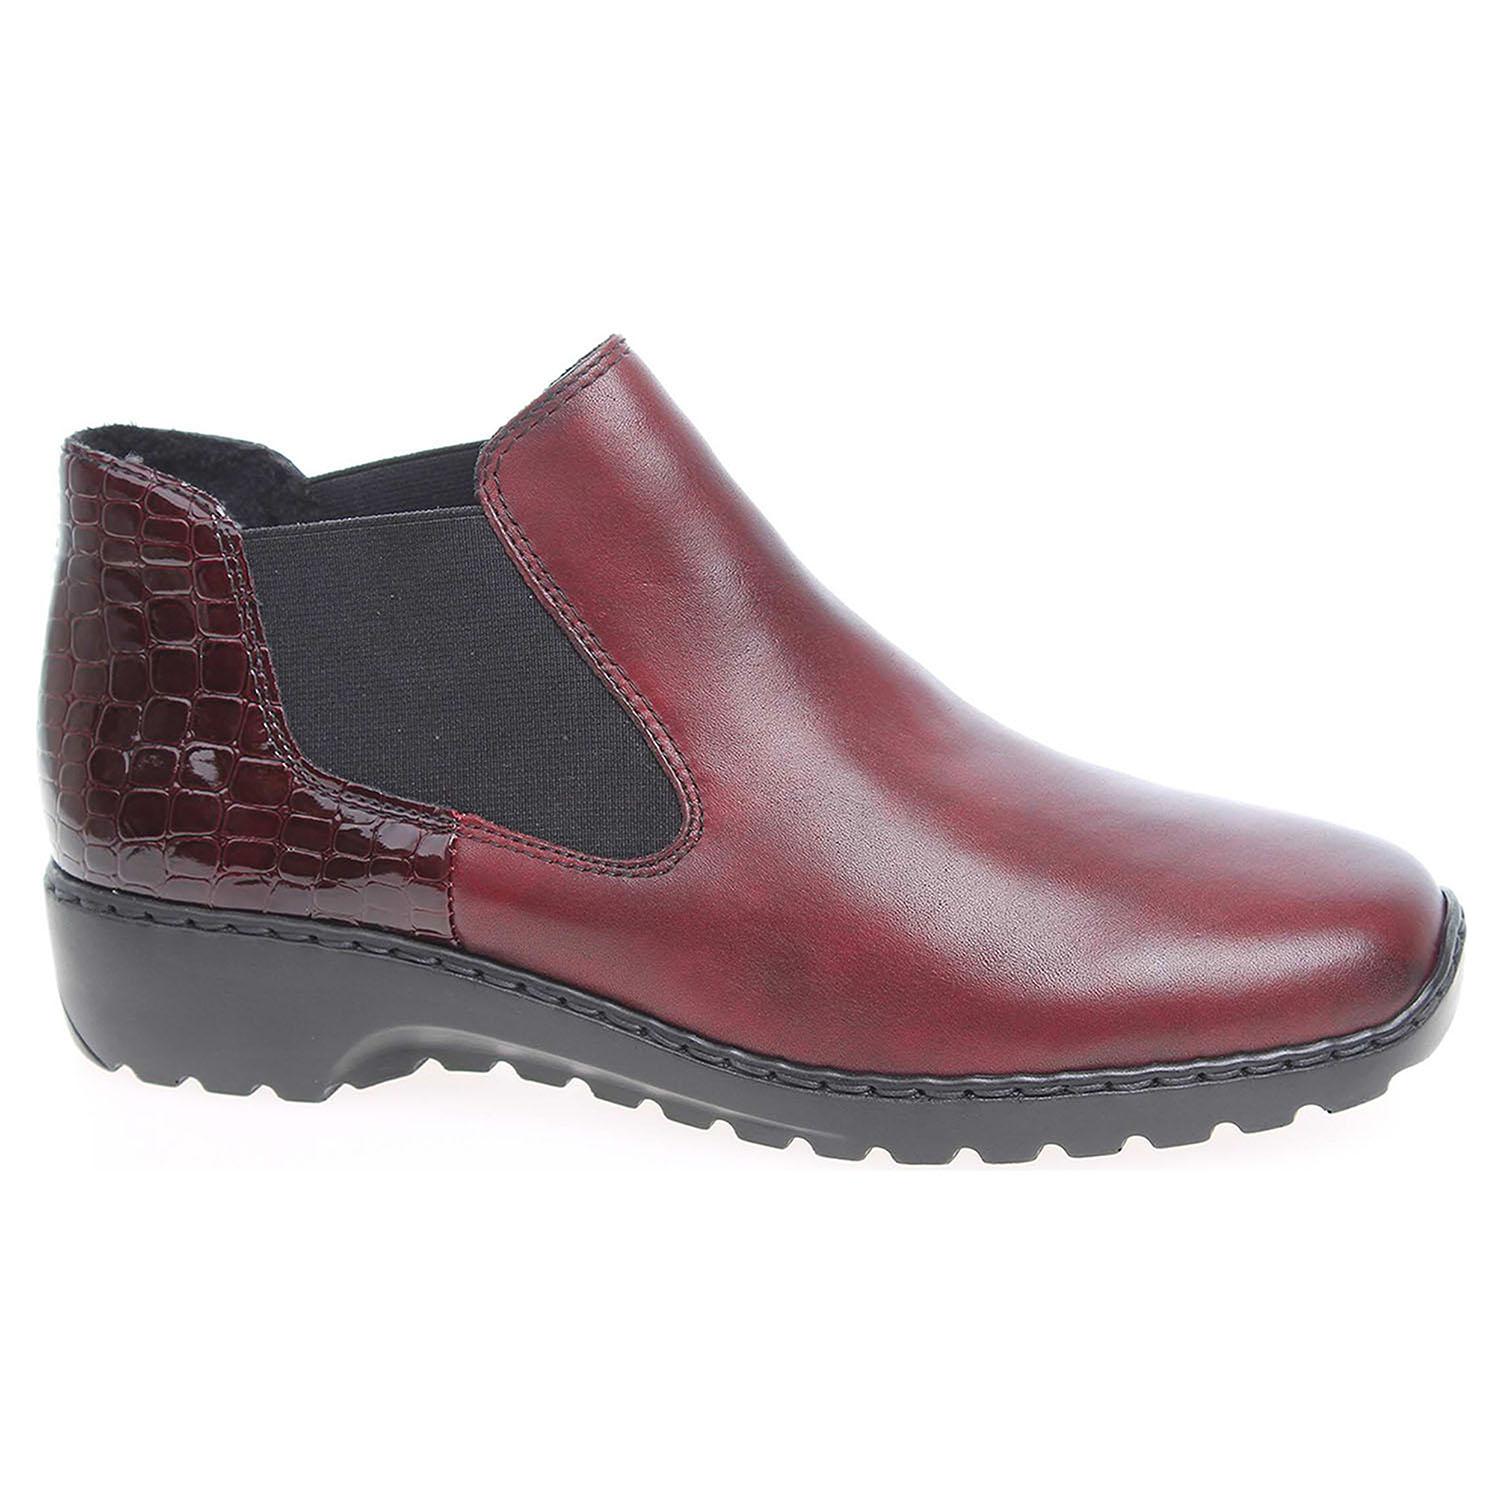 Dámská kotníková obuv Rieker L6090-35 rot L6090-35 39